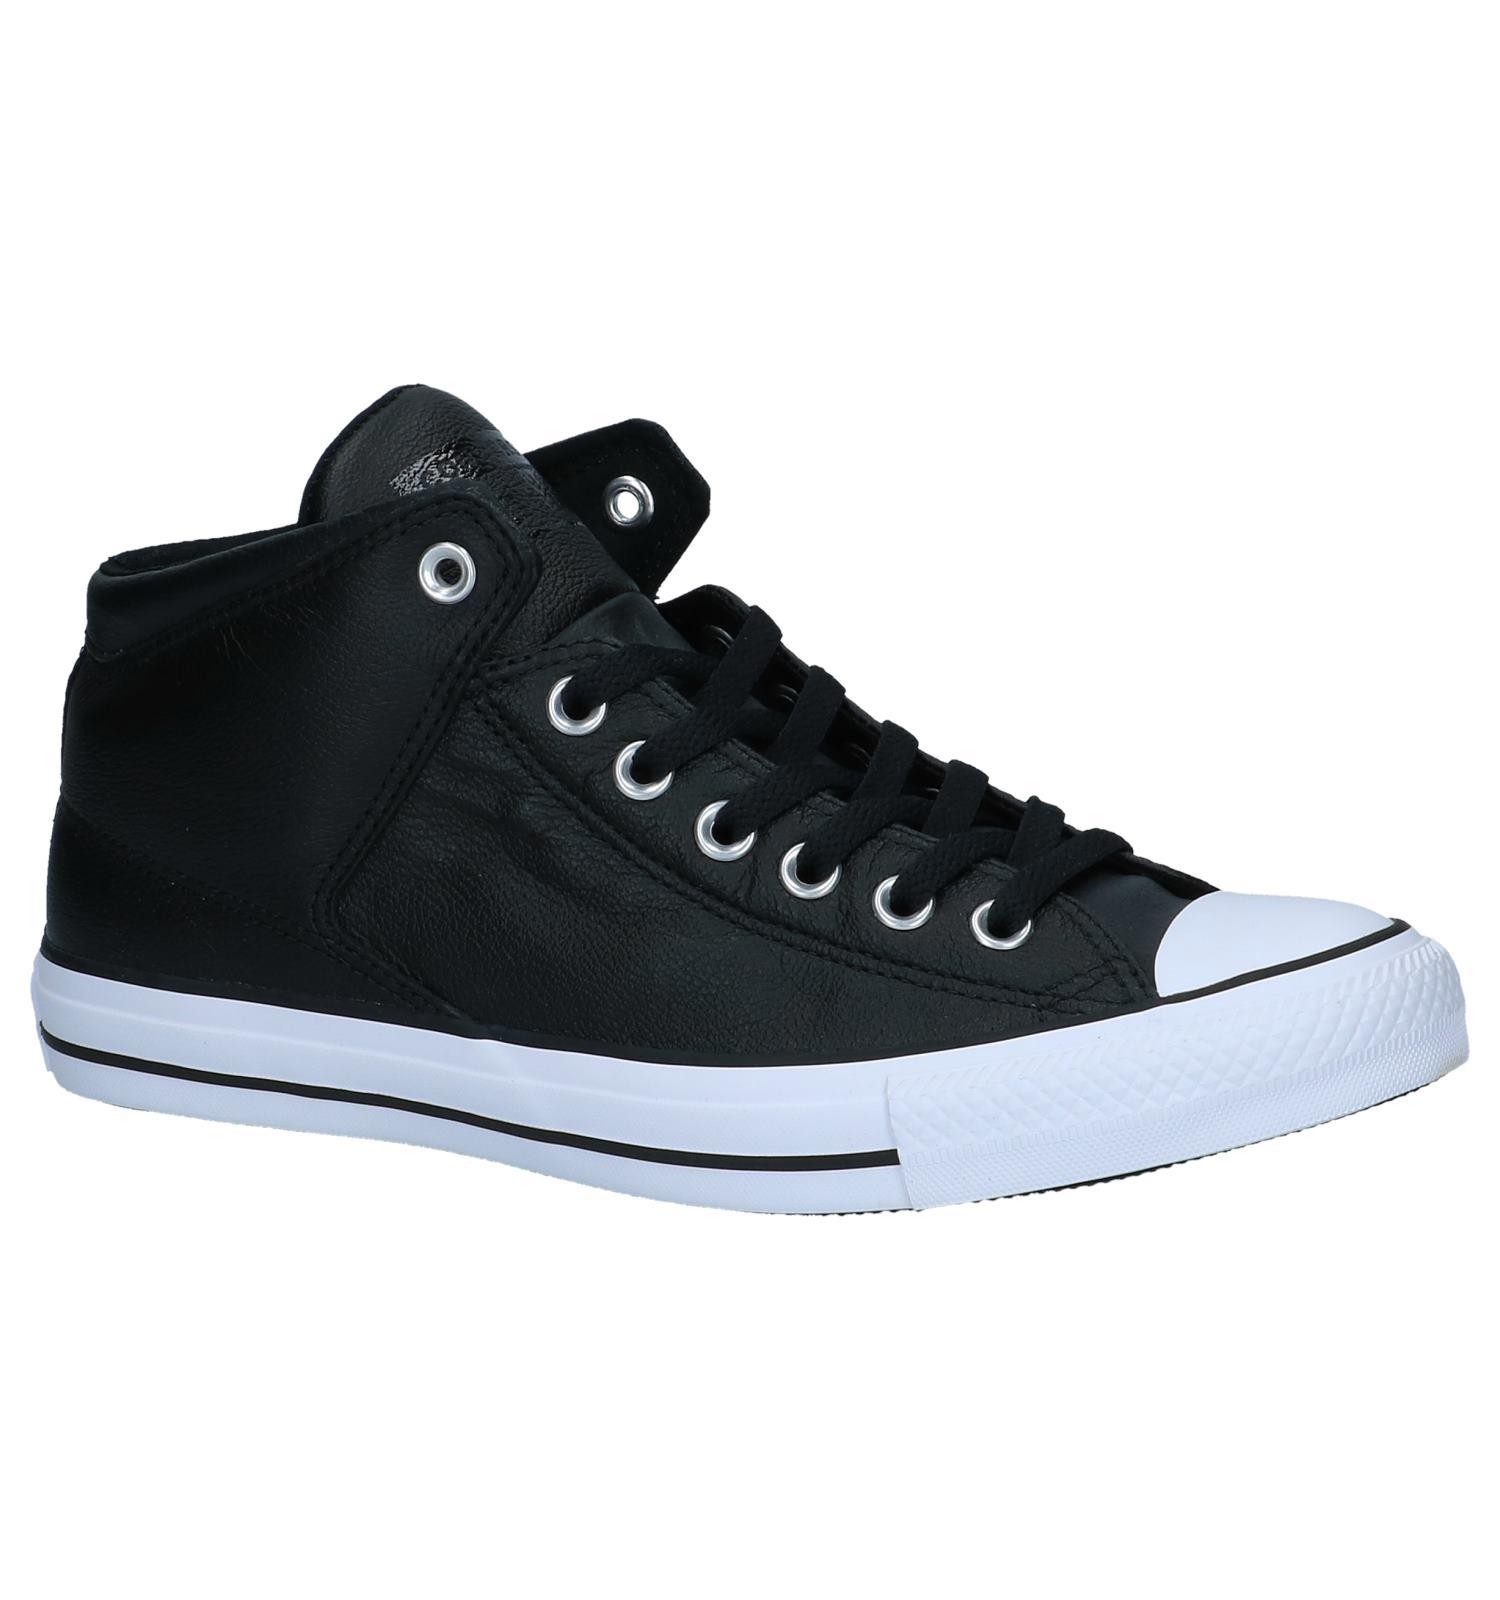 84831a307e9 Converse Chuck Taylor All Star Zwarte Hoge Sneakers | TORFS.BE | Gratis  verzend en retour